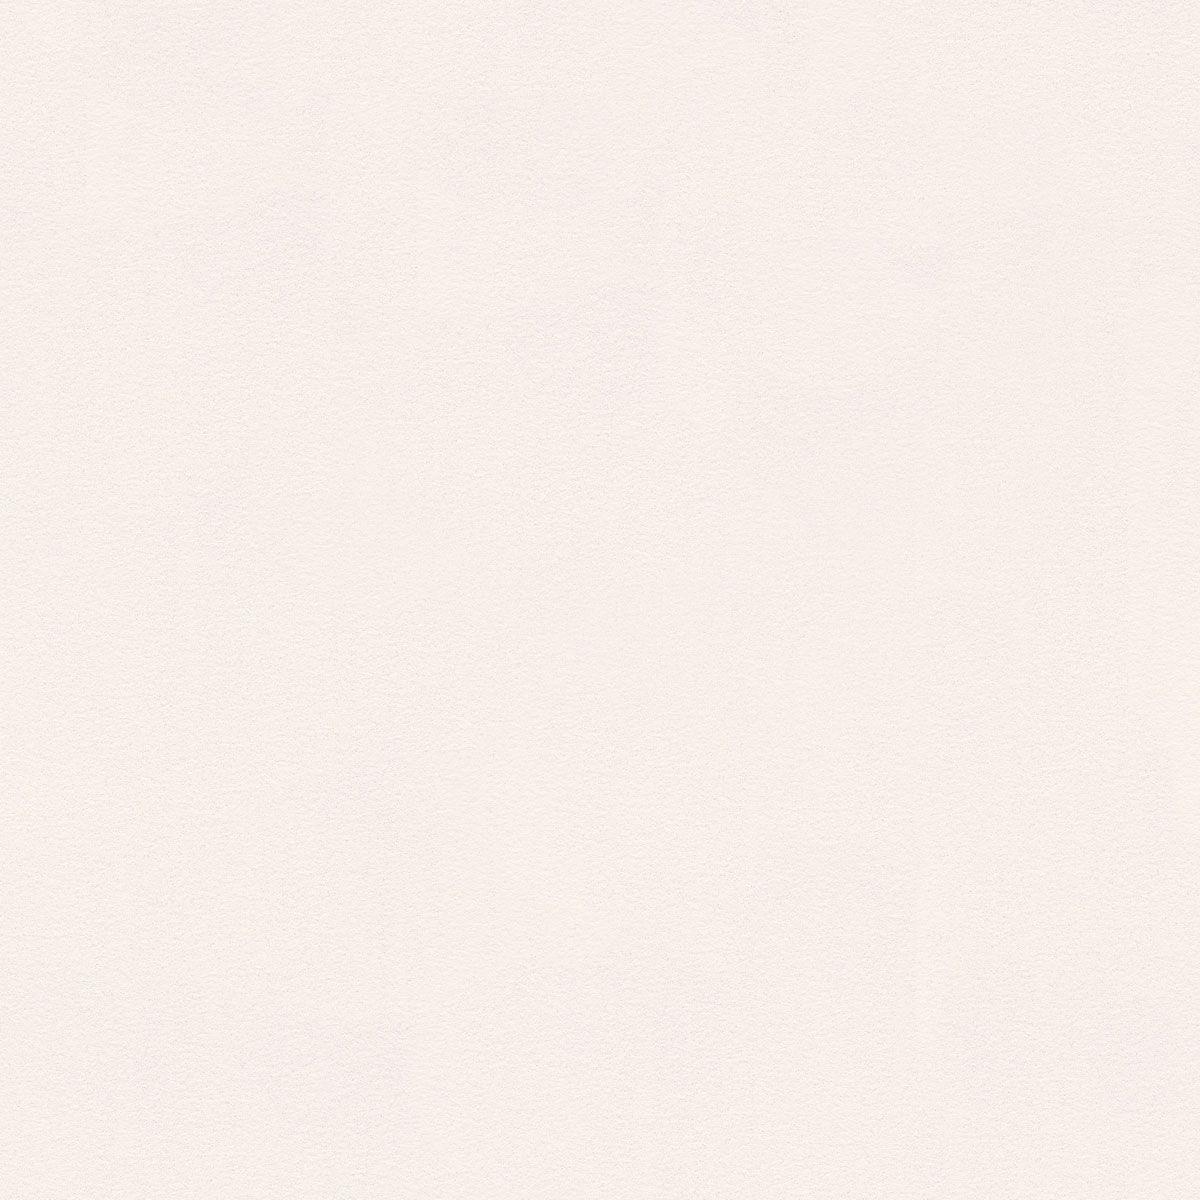 Papier peint pailleté blanc Crown intissé